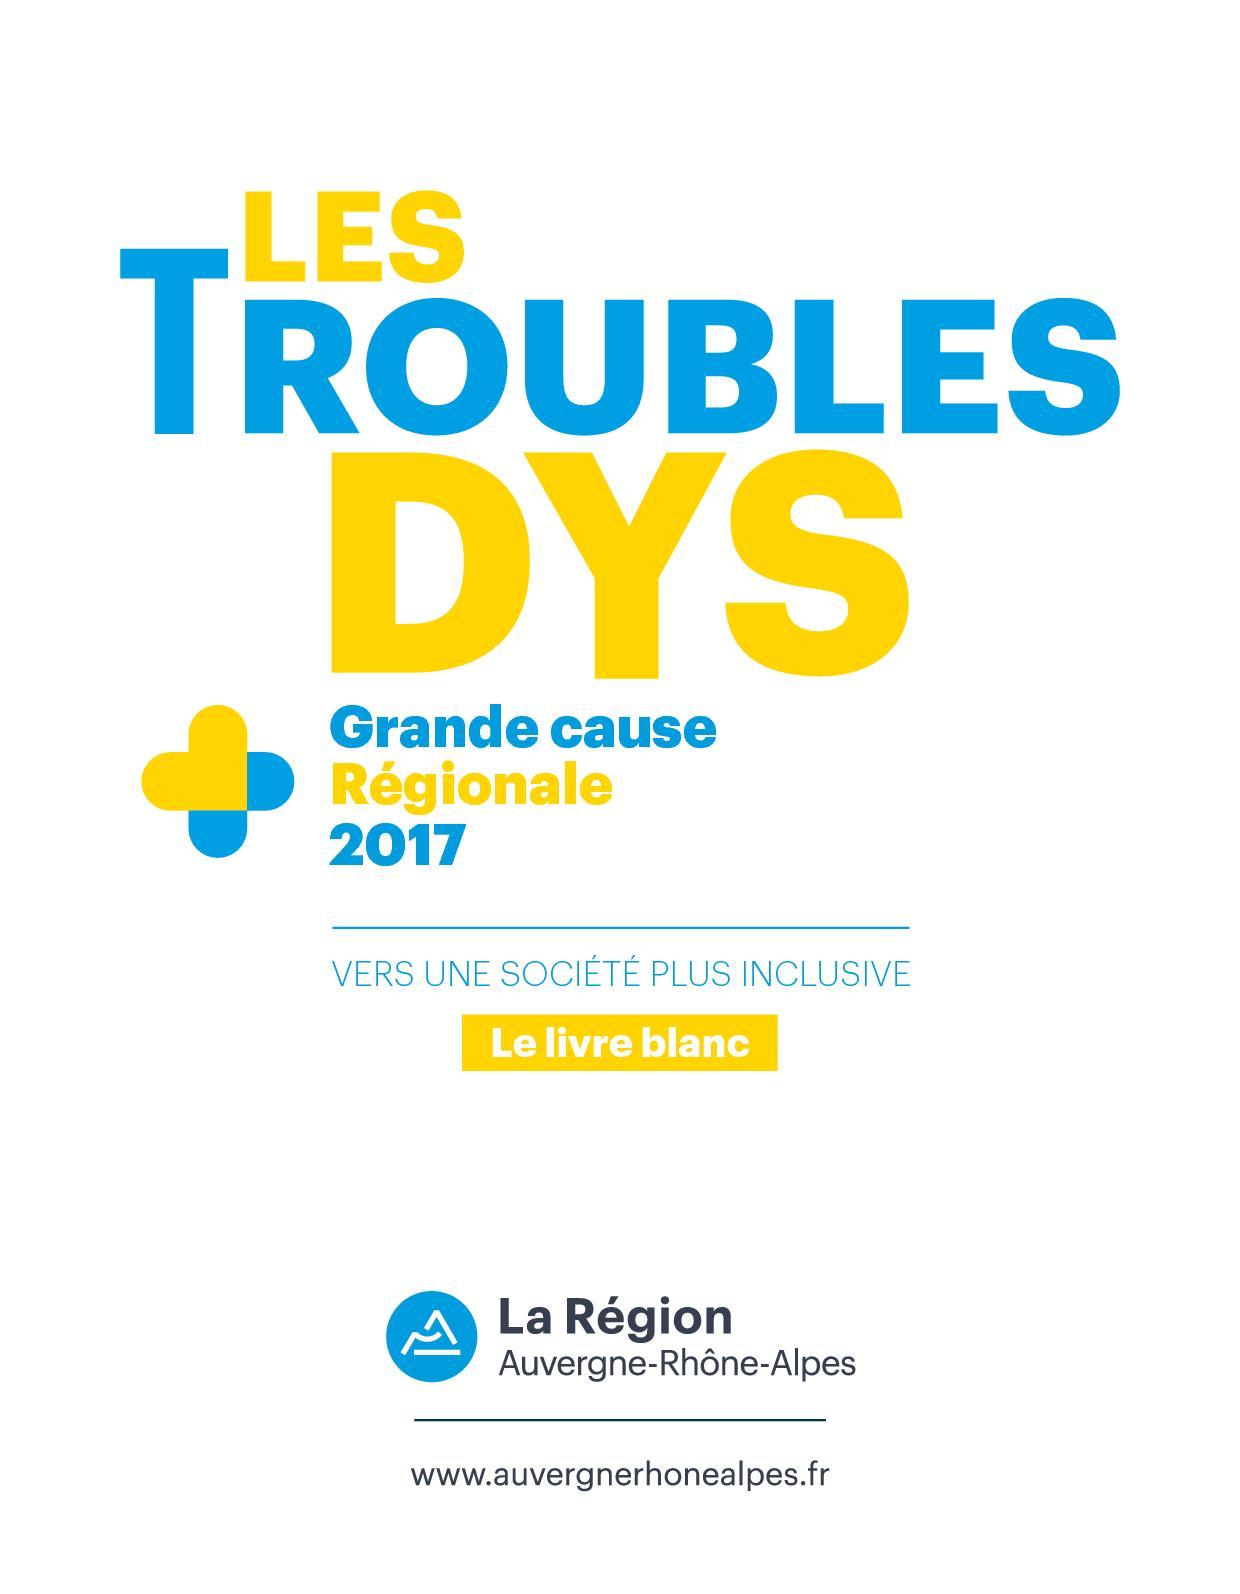 Les  troubles dys - grande cause régionale 2017